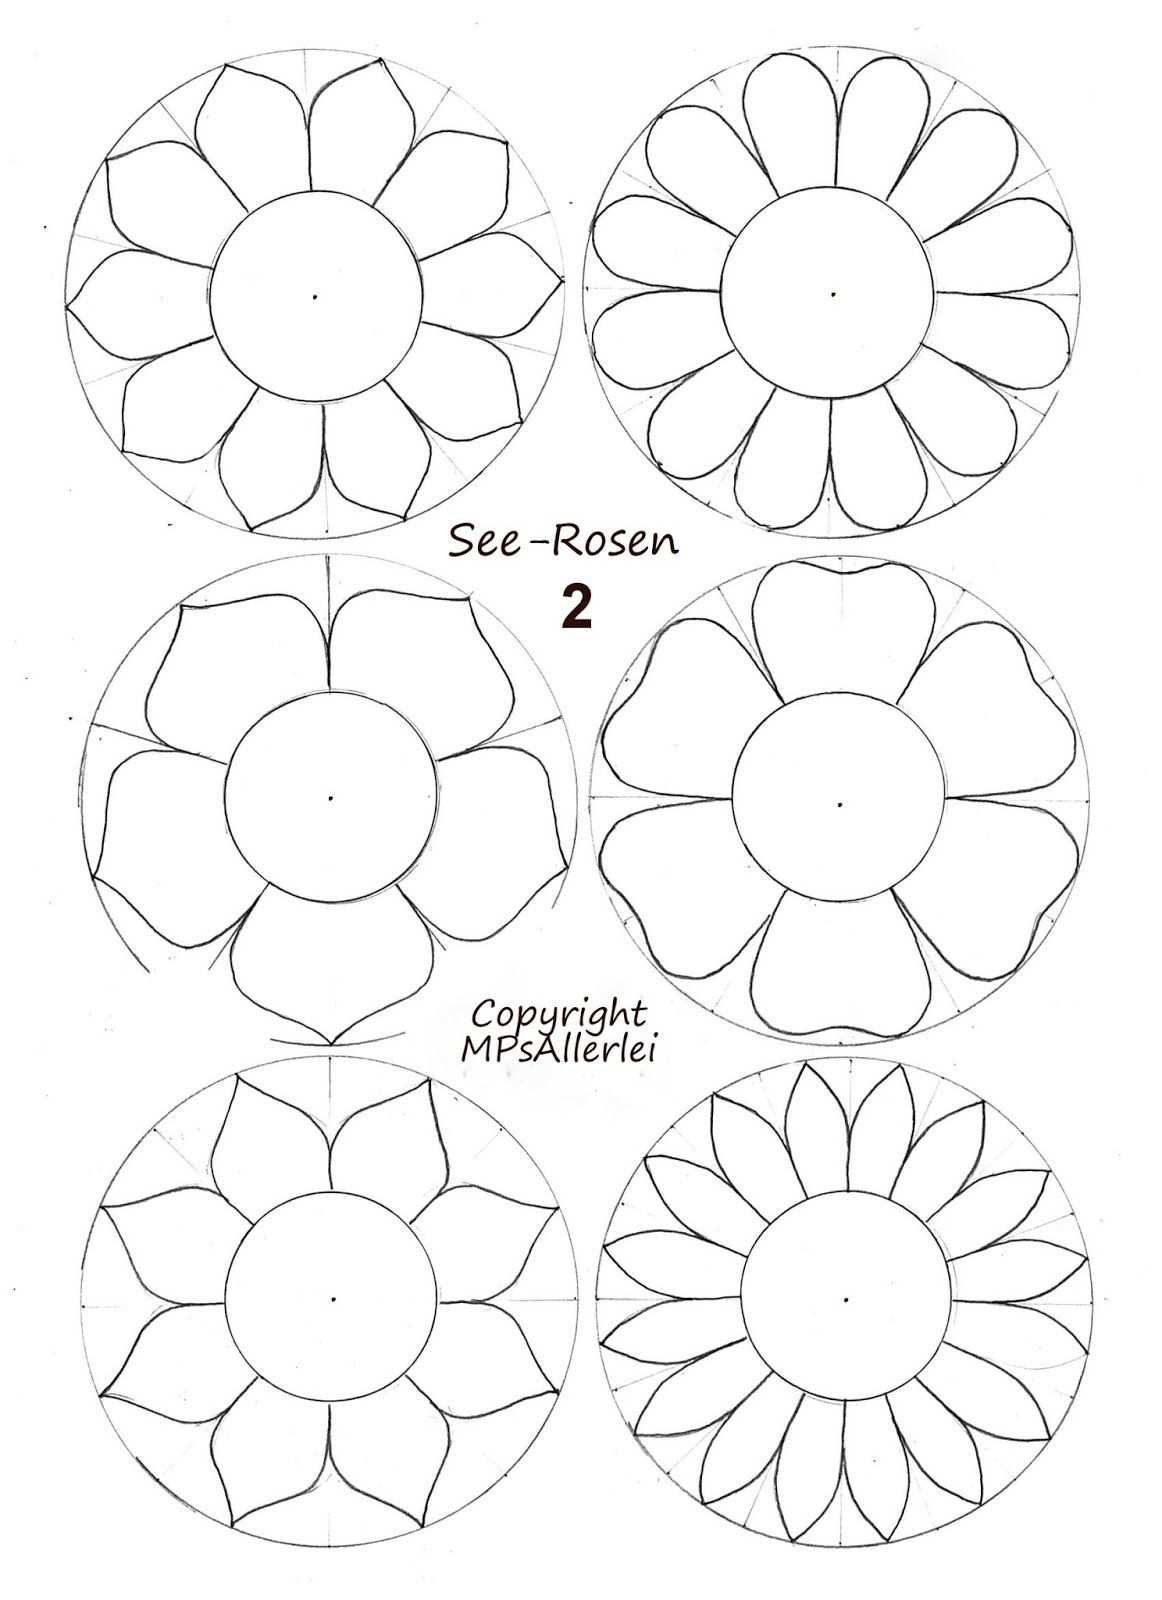 Ausdruckvorlage Seerosen 2 Vorlagen Blumen Basteln Blumen